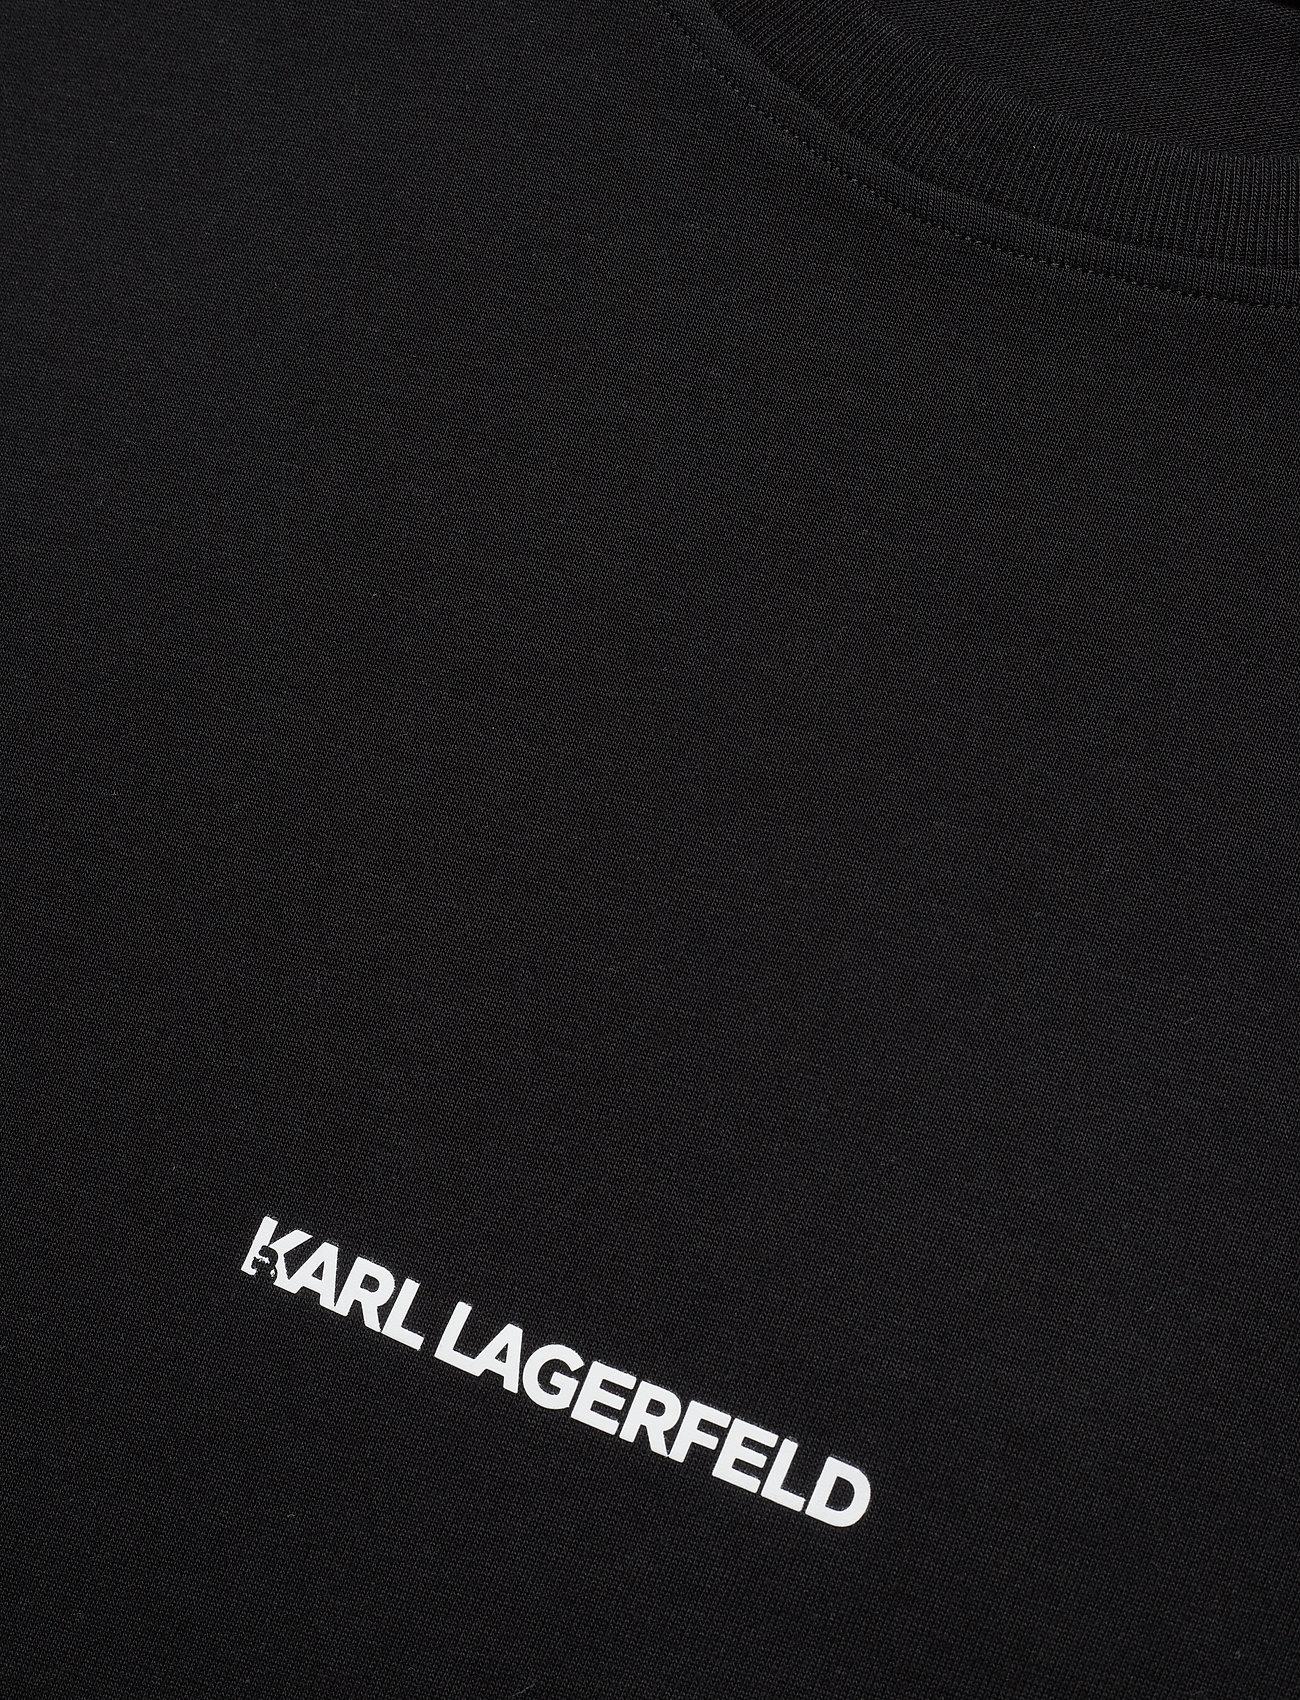 Karl Lagerfeld - karl essential logo t-shirt - t-shirts - black - 2